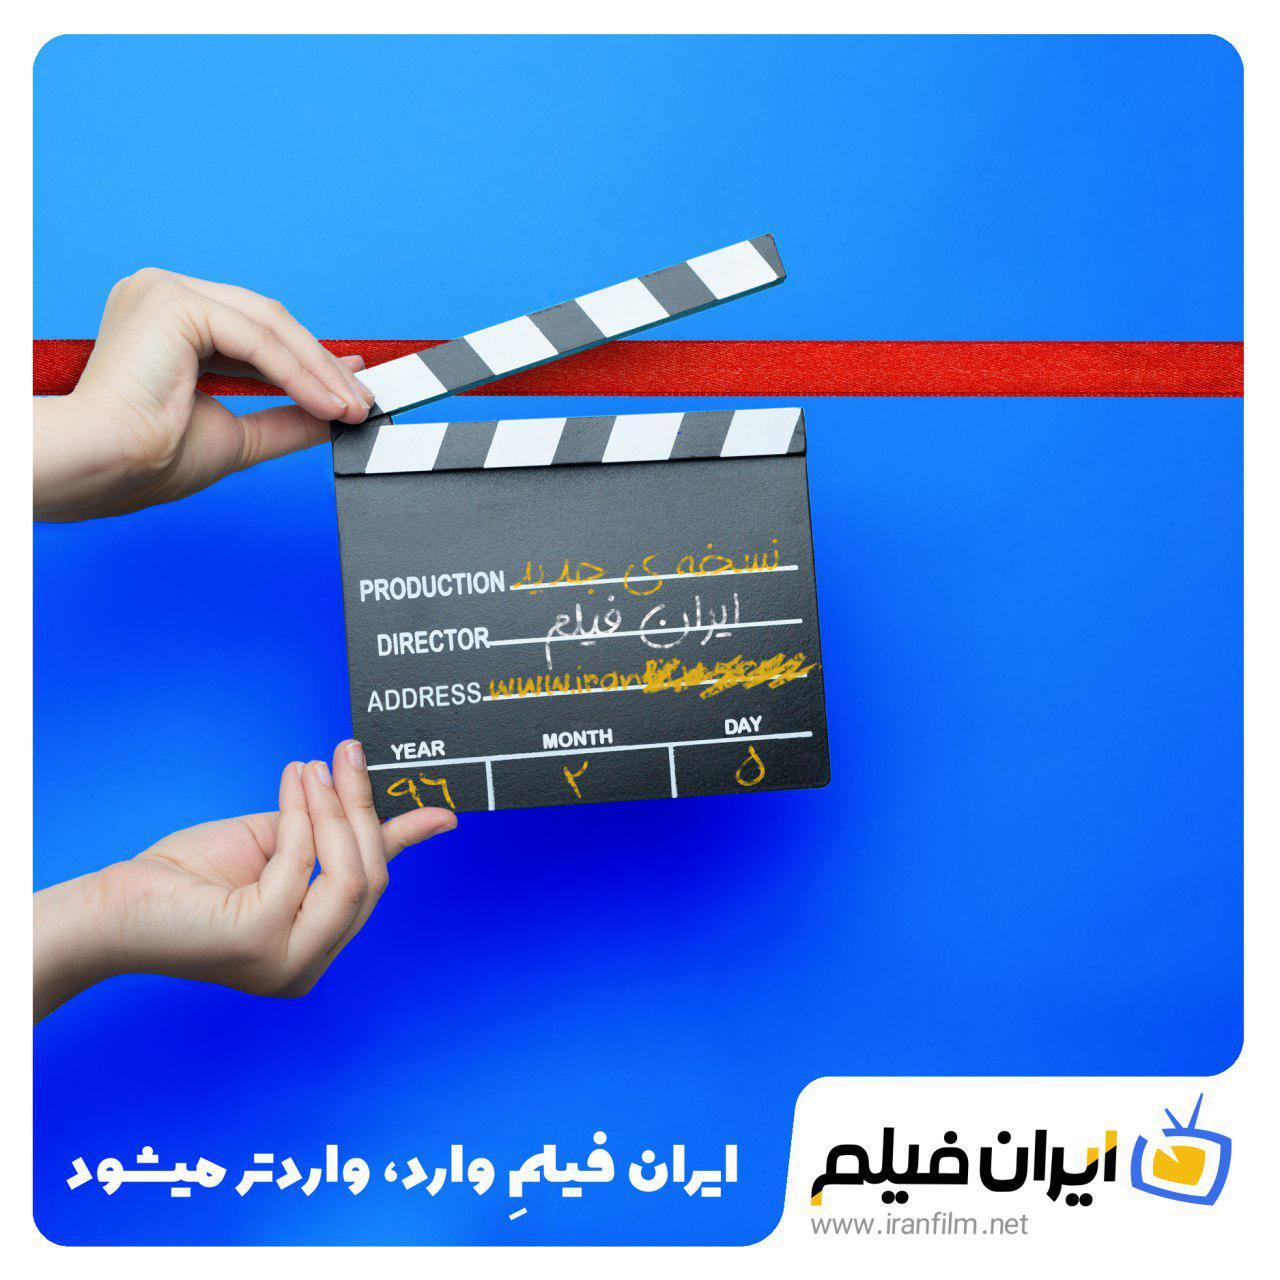 ? چرا ایران فیلم انتخاب اول من برای دانلود فیلم و سریال است؟